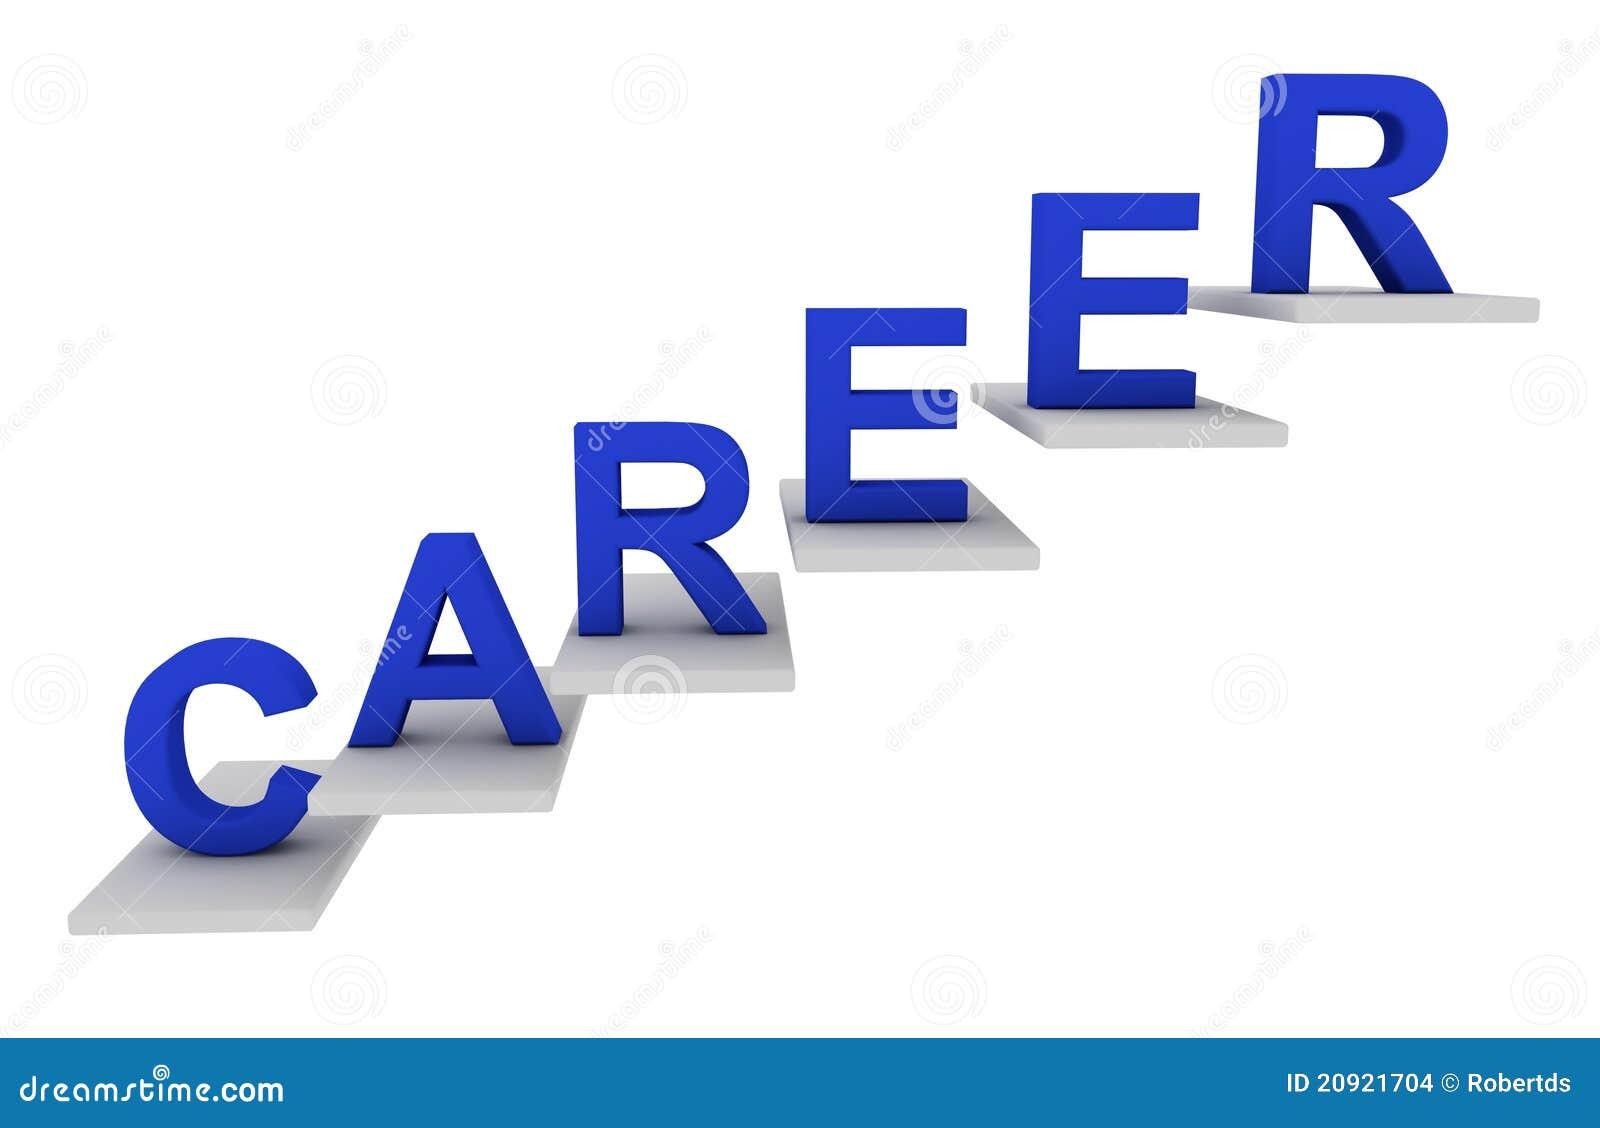 career steps career